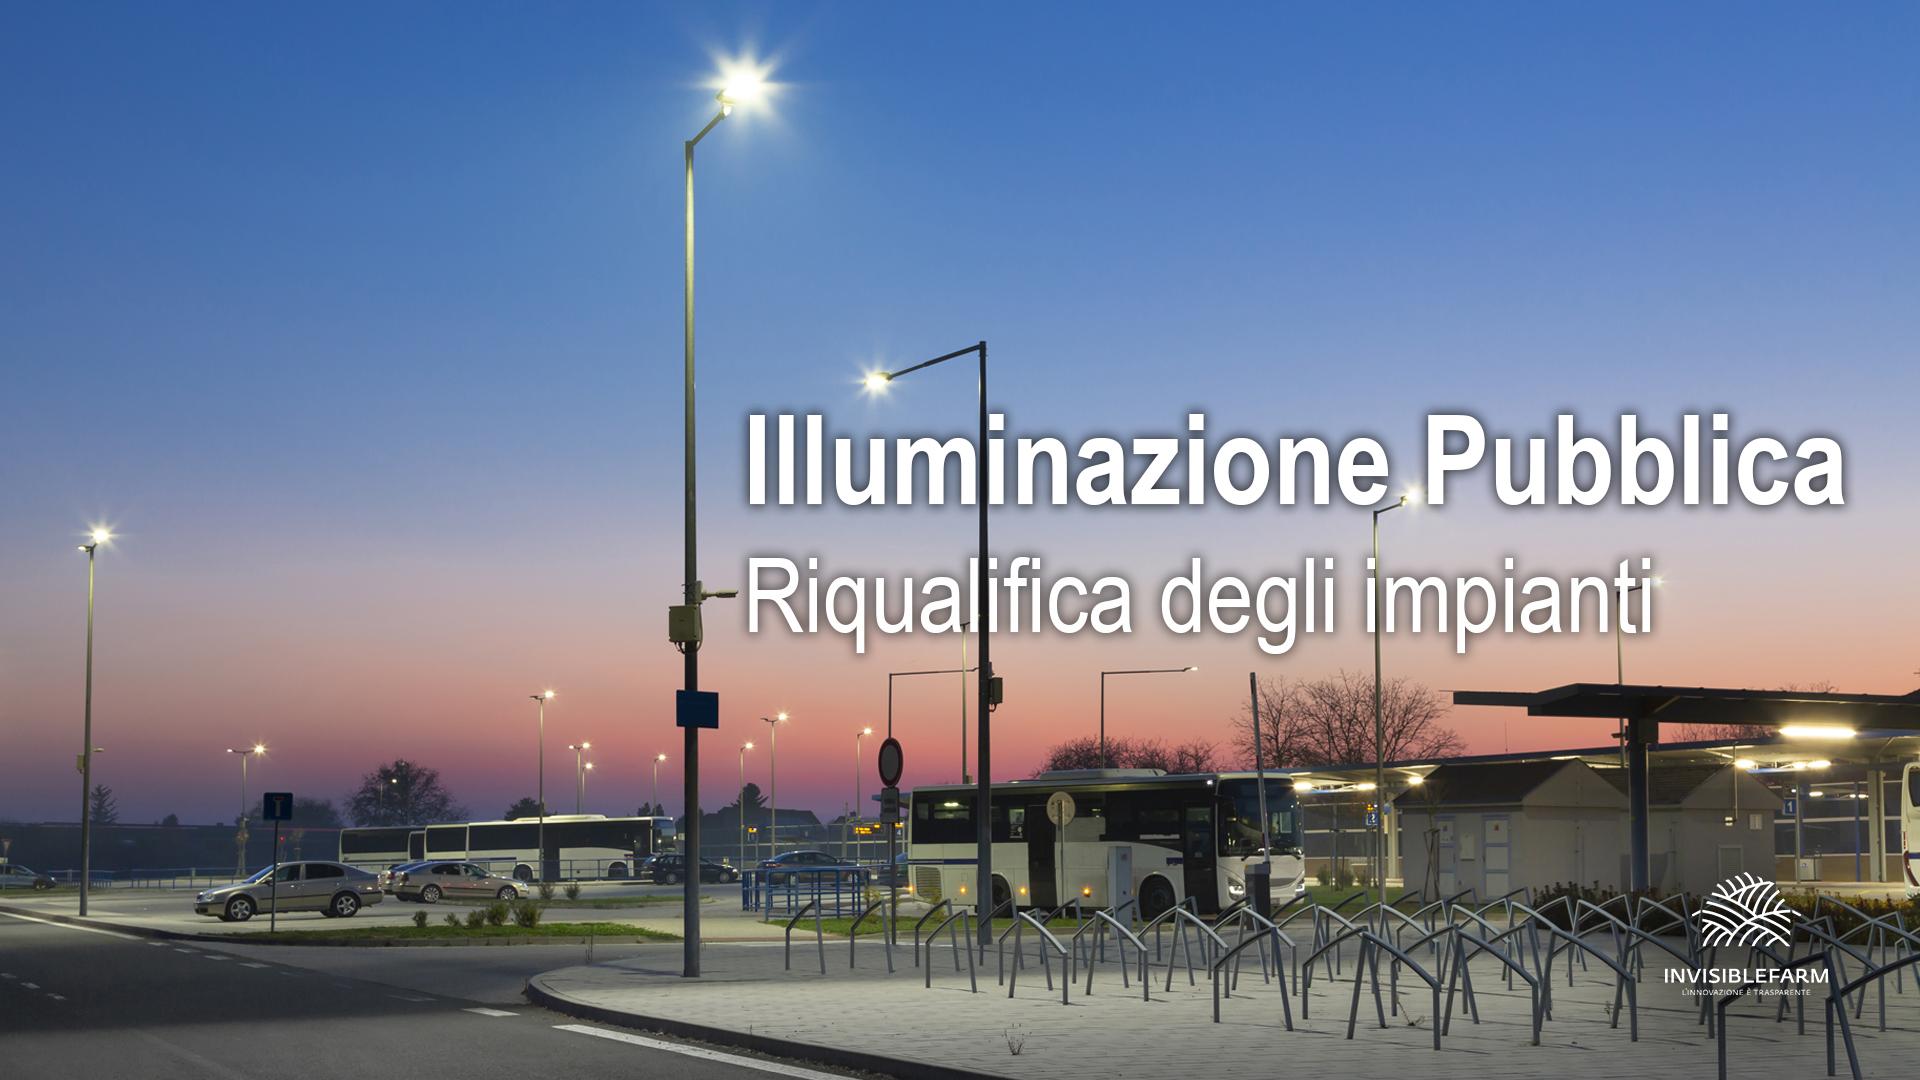 Riqualificare un impianto di illuminazione pubblica con Invisiblefarm